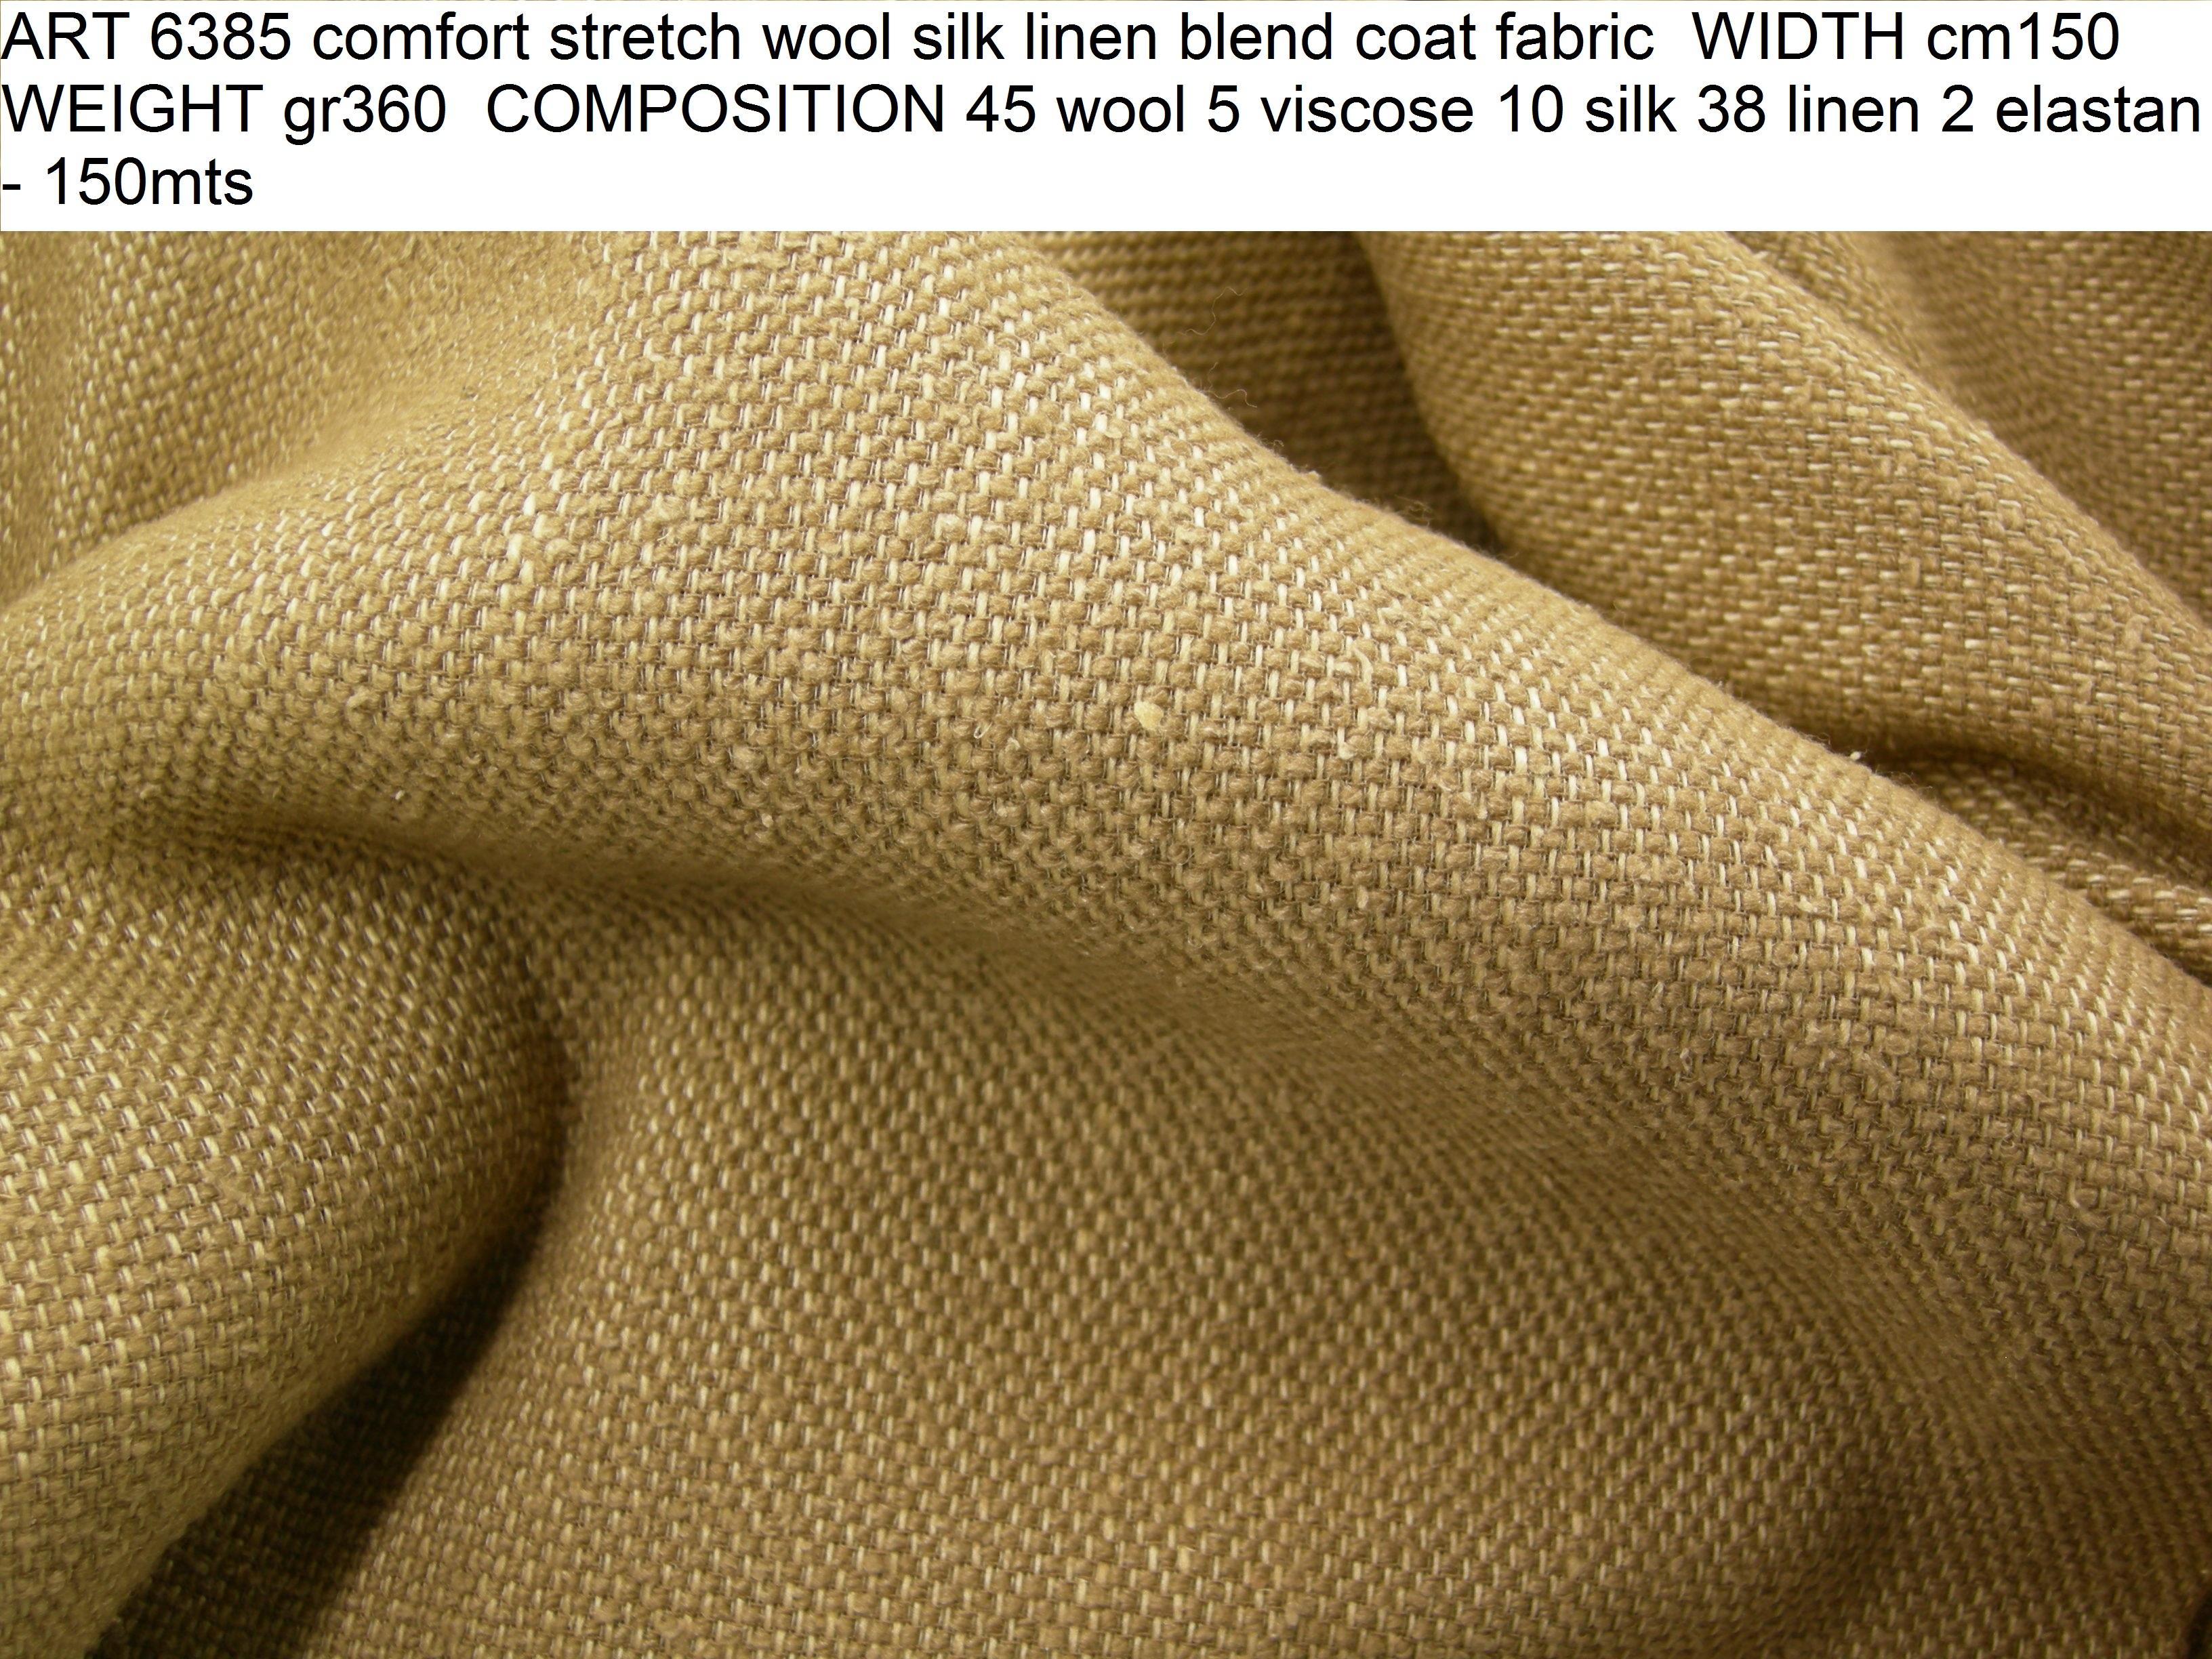 ART 6385 comfort stretch wool silk linen blend coat fabric WIDTH cm150 WEIGHT gr360 COMPOSITION 45 wool 5 viscose 10 silk 38 linen 2 elastan - 150mts